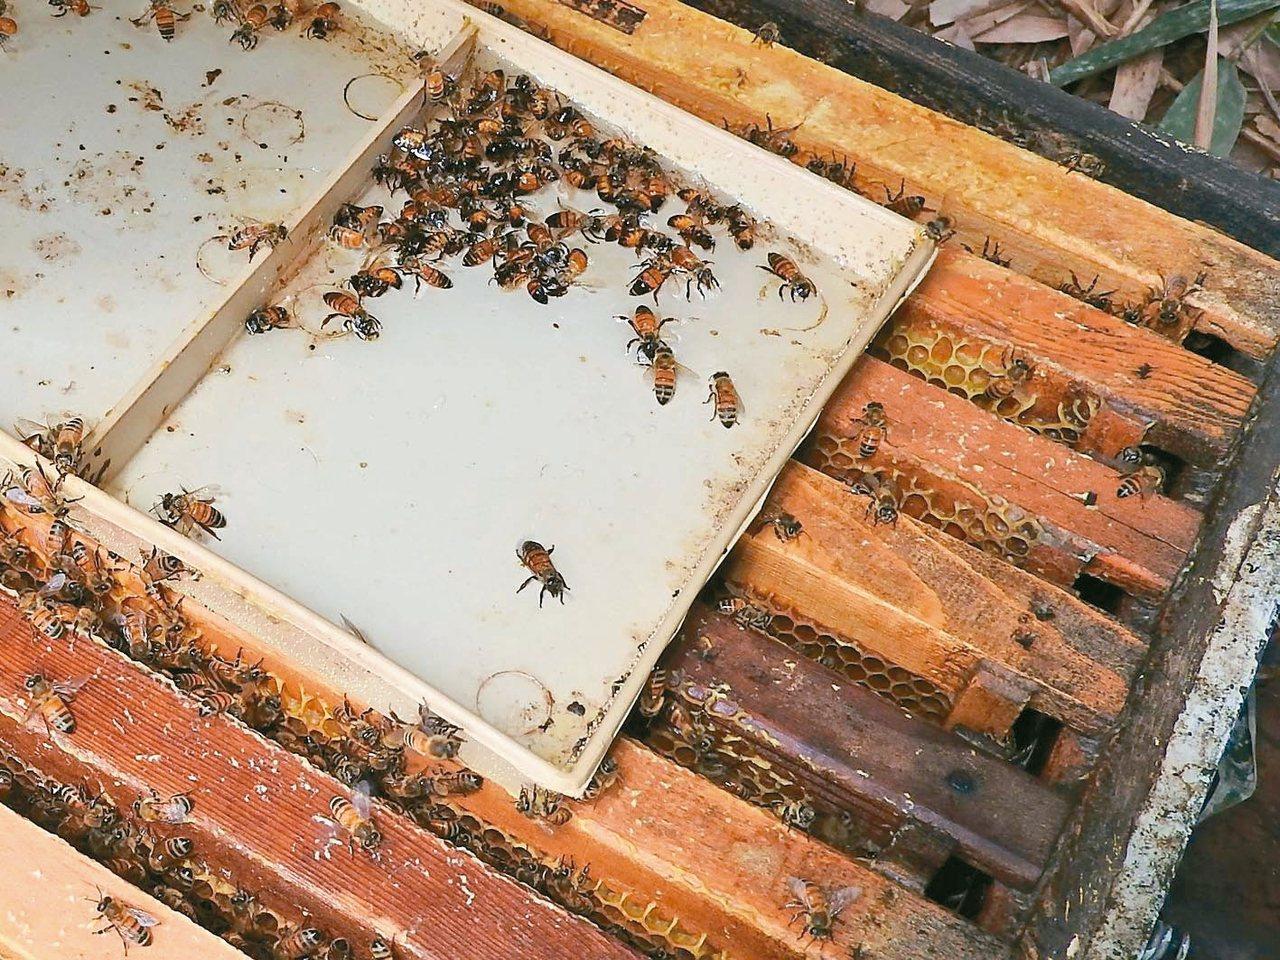 農民更加強用藥,害蜜蜂被抄家滅族,南投埔里養蜂場中毒的蜜蜂飛回蜂箱掙扎,難逃一死...